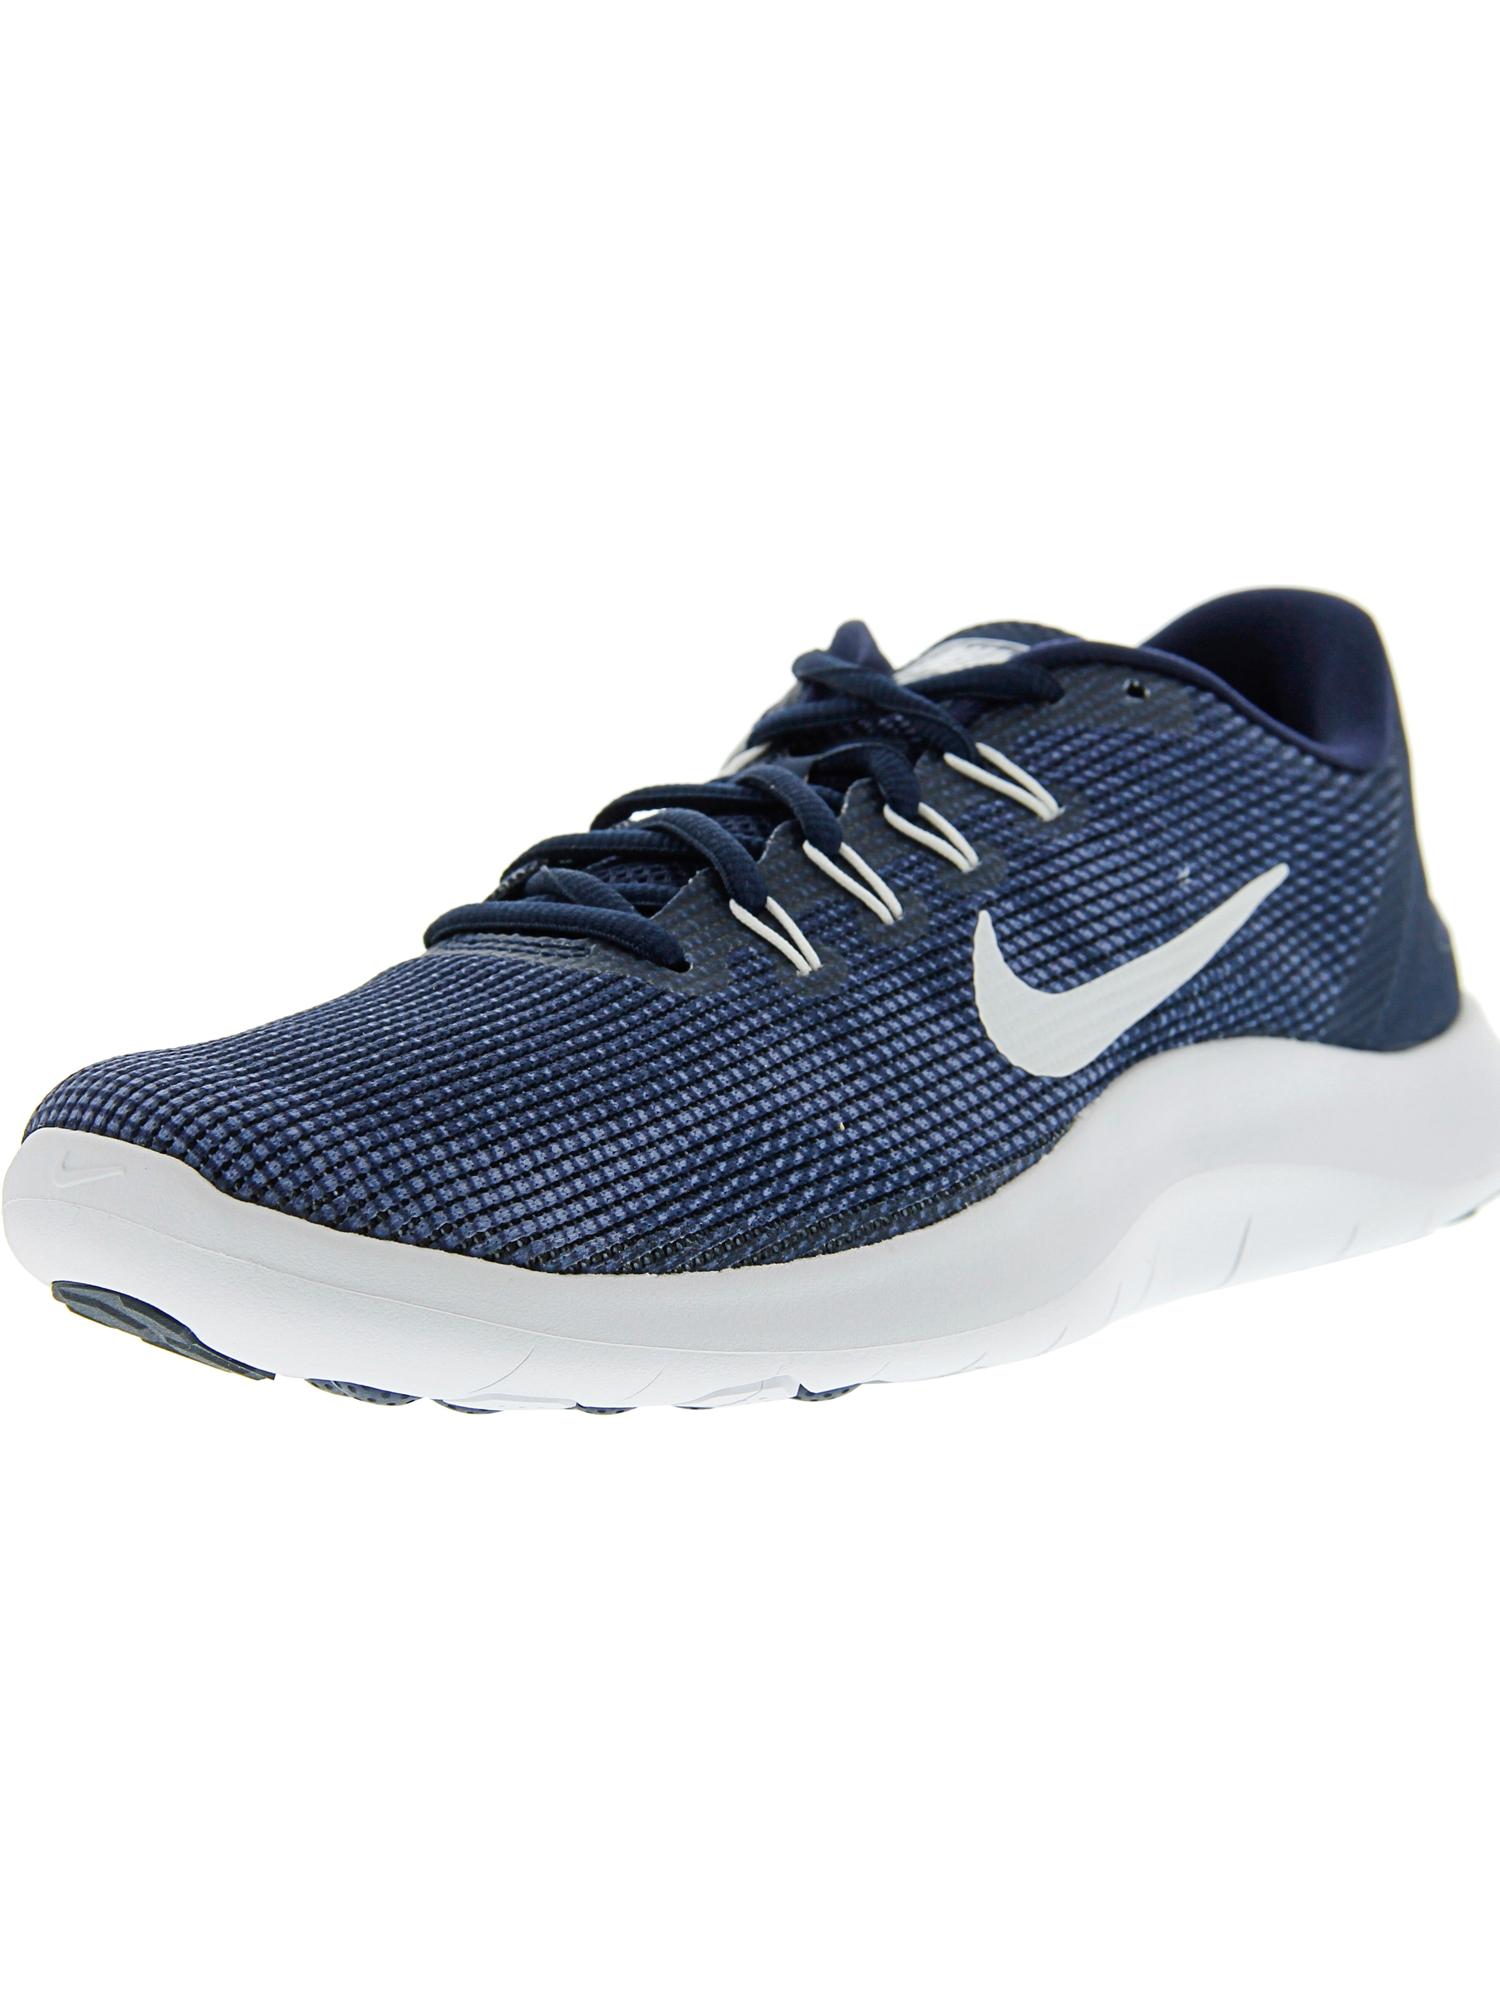 75589fcc942114 Nike Men s Flex 2018 Rn Black   White Ankle-High Mesh Running Shoe - 10.5M